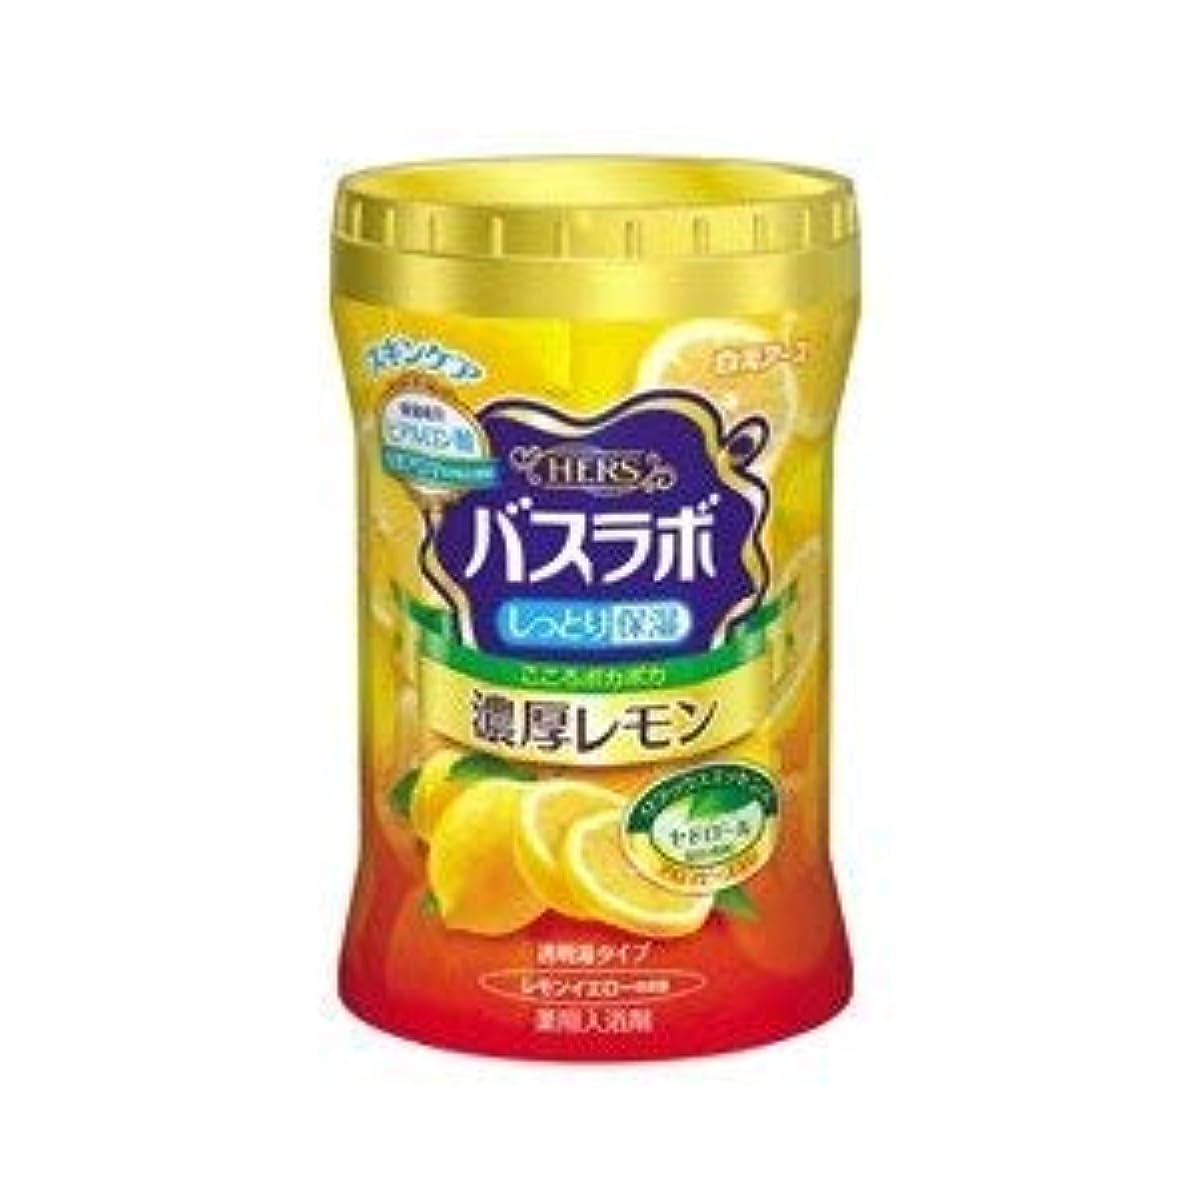 委員会保護普及バスラボボトル濃厚レモン640g